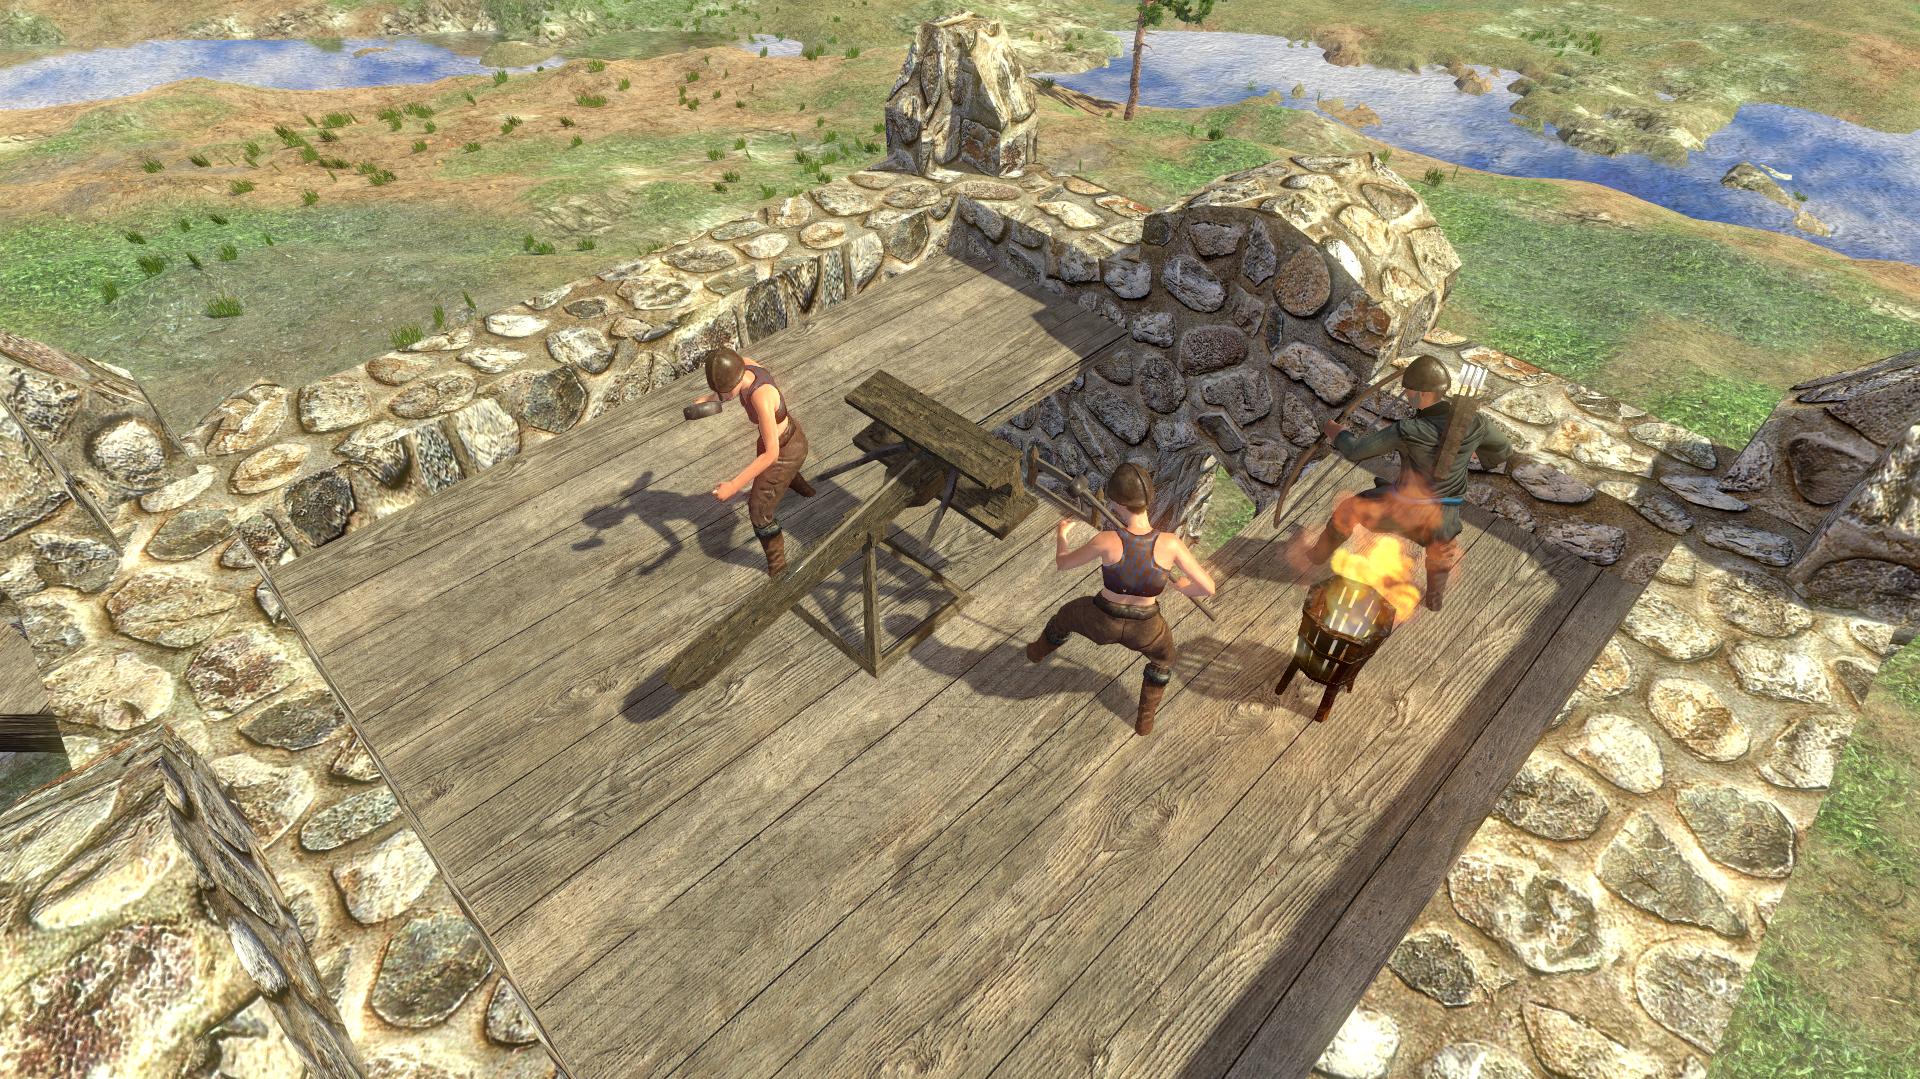 Siege defences